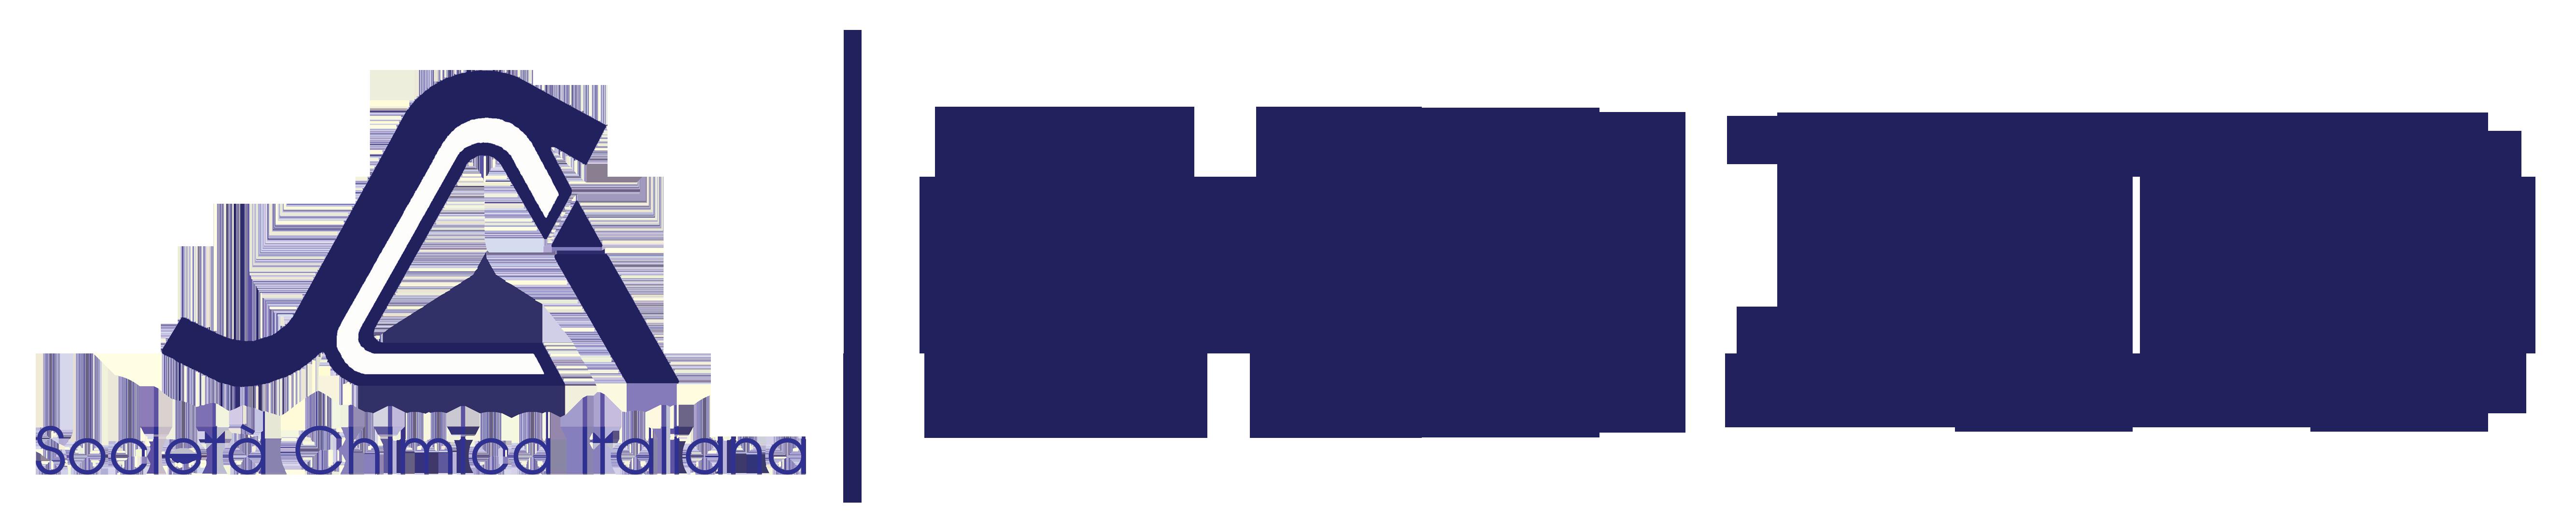 sci2020